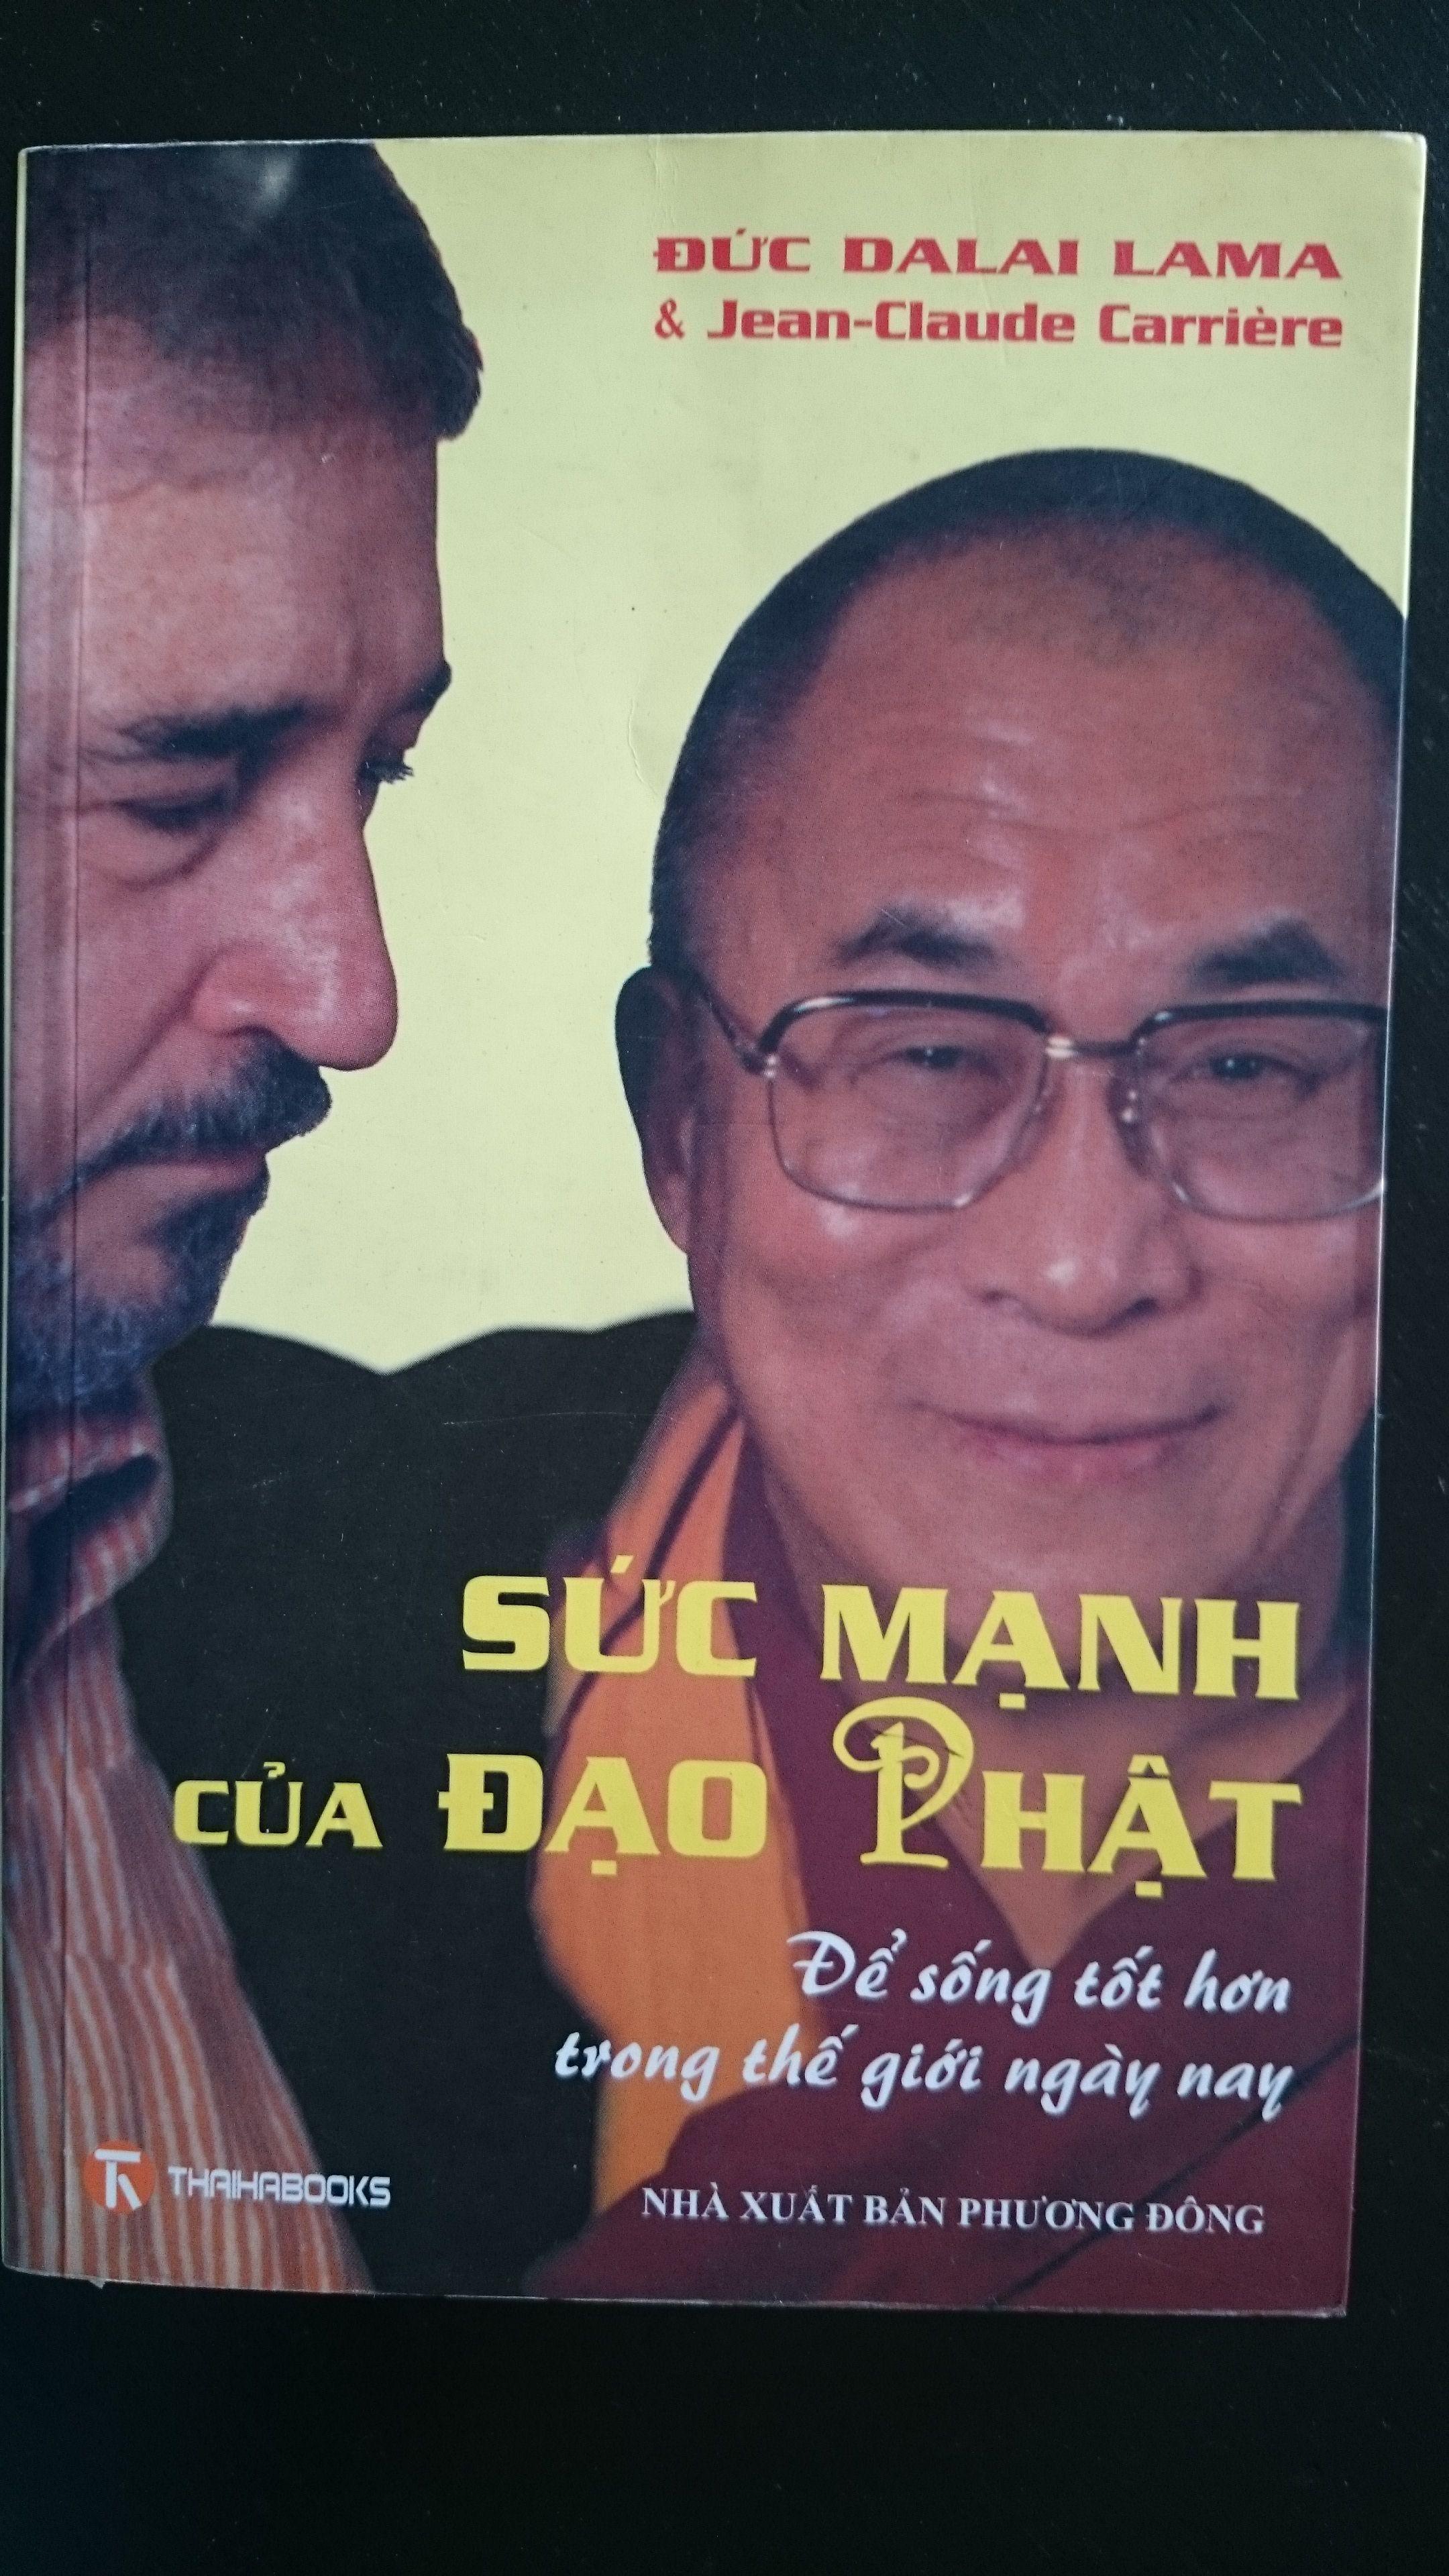 Sức mạnh của phật giáo để sống tốt hơn trong thế giới này - Đức Daila Lama